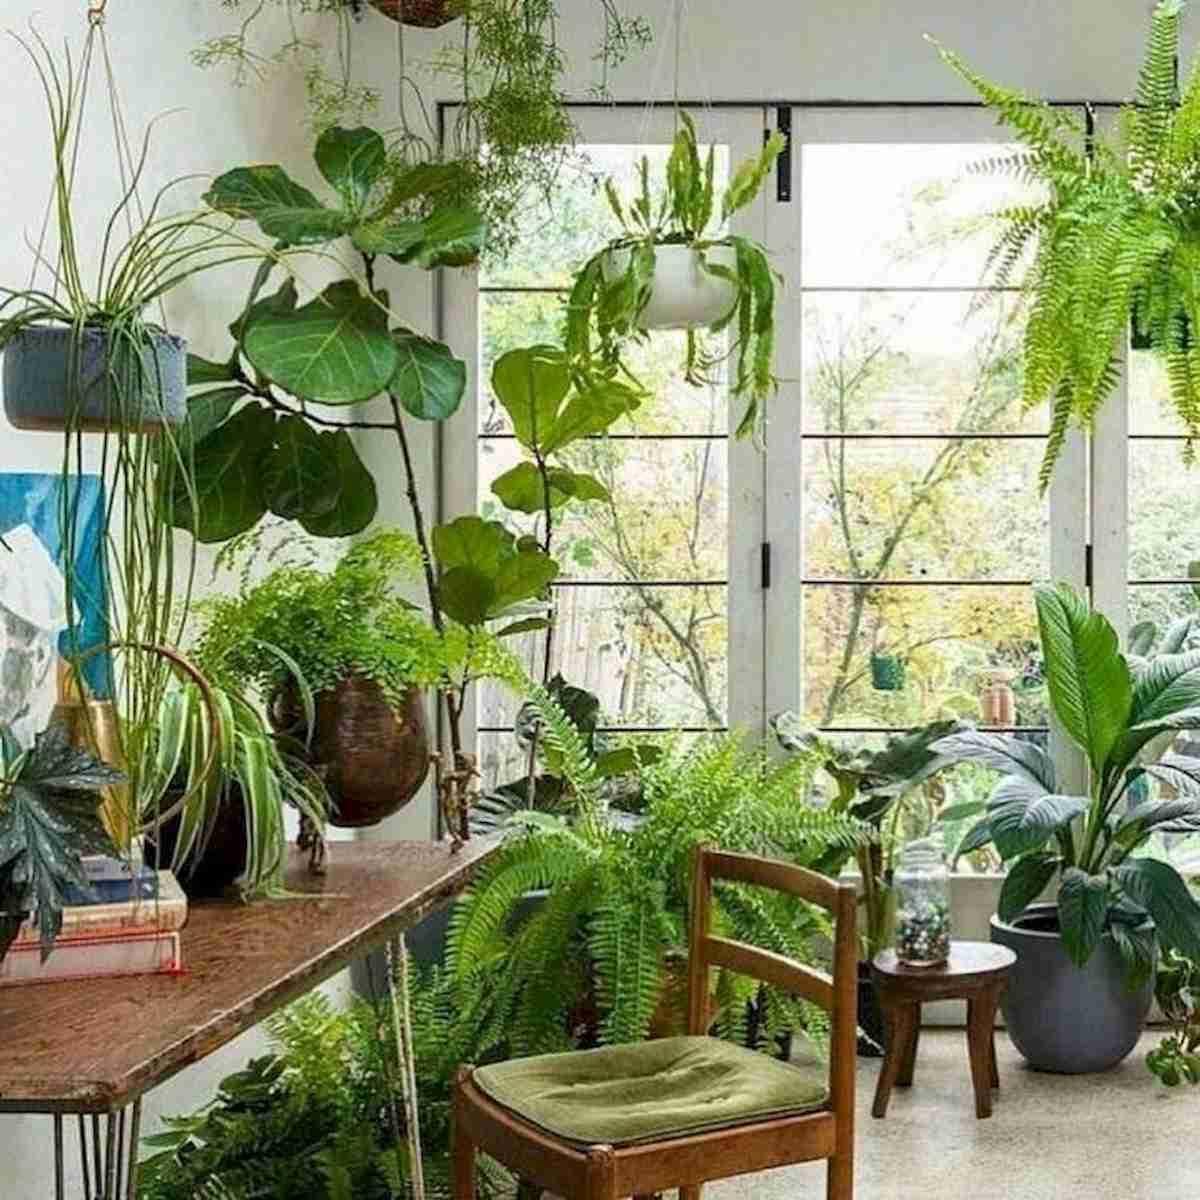 Trucos caseros para el cuidado de las plantas 21